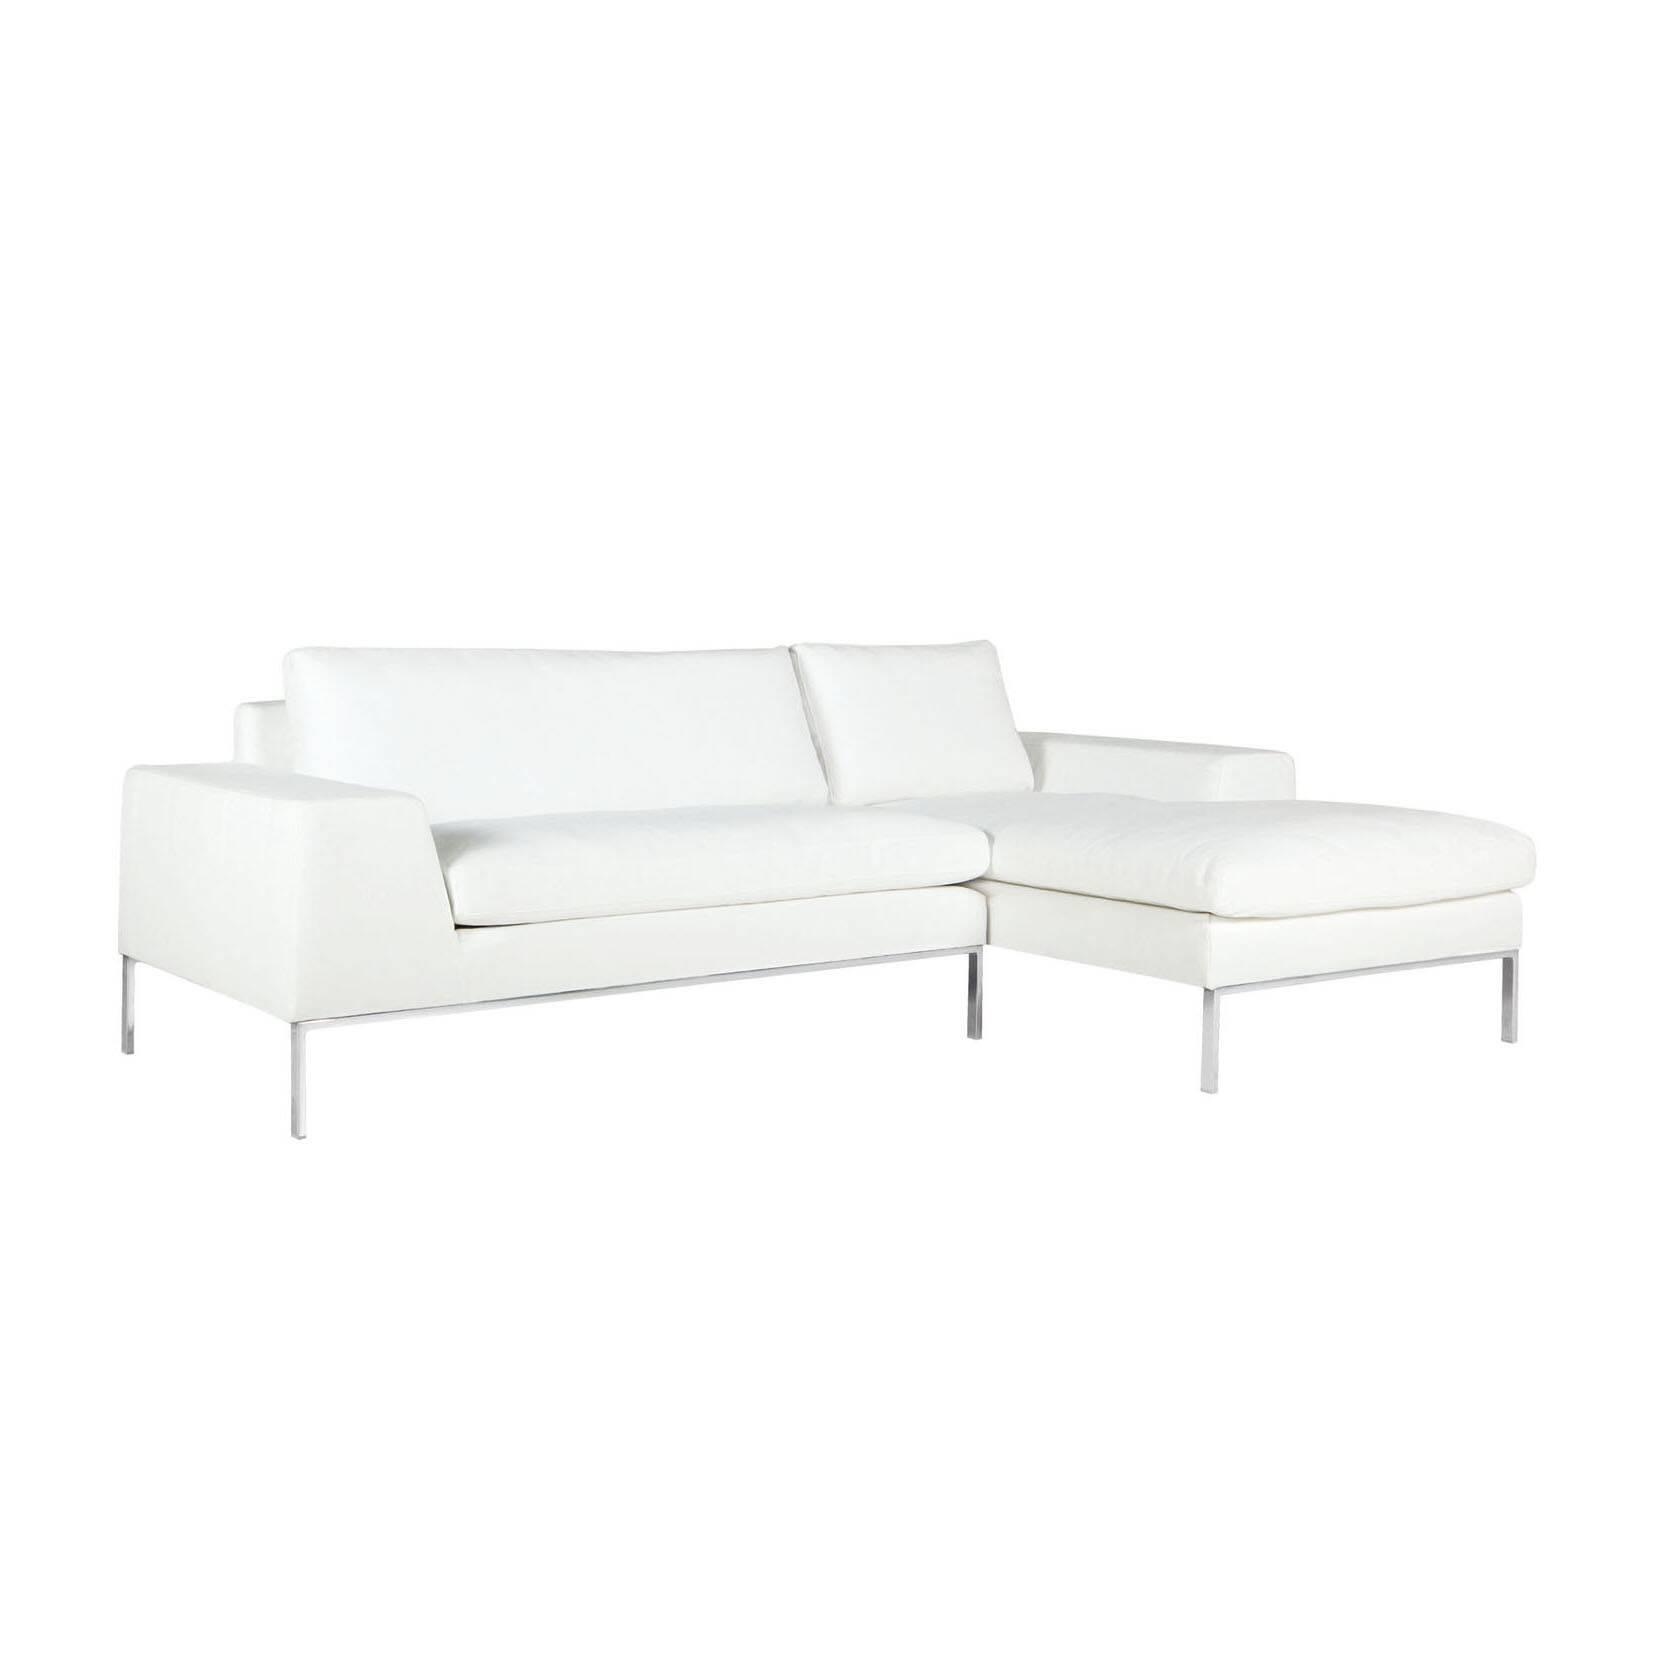 Угловой диван Justus правостороннийУгловые<br>Дизайнерский белый глубокий диван Justus (Джастас) со стандартными подлокотниками от Sits (Ситс).<br> Если создать в доме или офисных комнатах правильную обстановку, грамотно подобрать мебель и красиво оформить помещение, то даже в самую пасмурную погоду в таком помещении вы будете чувствовать себя комфортно и легко, а хороший, светлый дизайн будет поднимать настроение и радовать взгляд любого посетителя.<br><br><br> Угловой диван Justus правосторонний станет отличным решением для интерьера, выполне...<br><br>stock: 0<br>Высота: 78<br>Высота сиденья: 46<br>Глубина: 90<br>Длина: 240<br>Цвет ножек: Хром<br>Материал обивки: Полипропилен, Полиэстер, Хлопок<br>Степень комфортности: Люкс<br>Форма подлокотников: Стандарт<br>Коллекция ткани: Категория ткани III<br>Тип материала обивки: Ткань<br>Тип материала ножек: Сталь нержавеющая<br>Длина шезлонга (см): 150<br>Цвет обивки: Белый